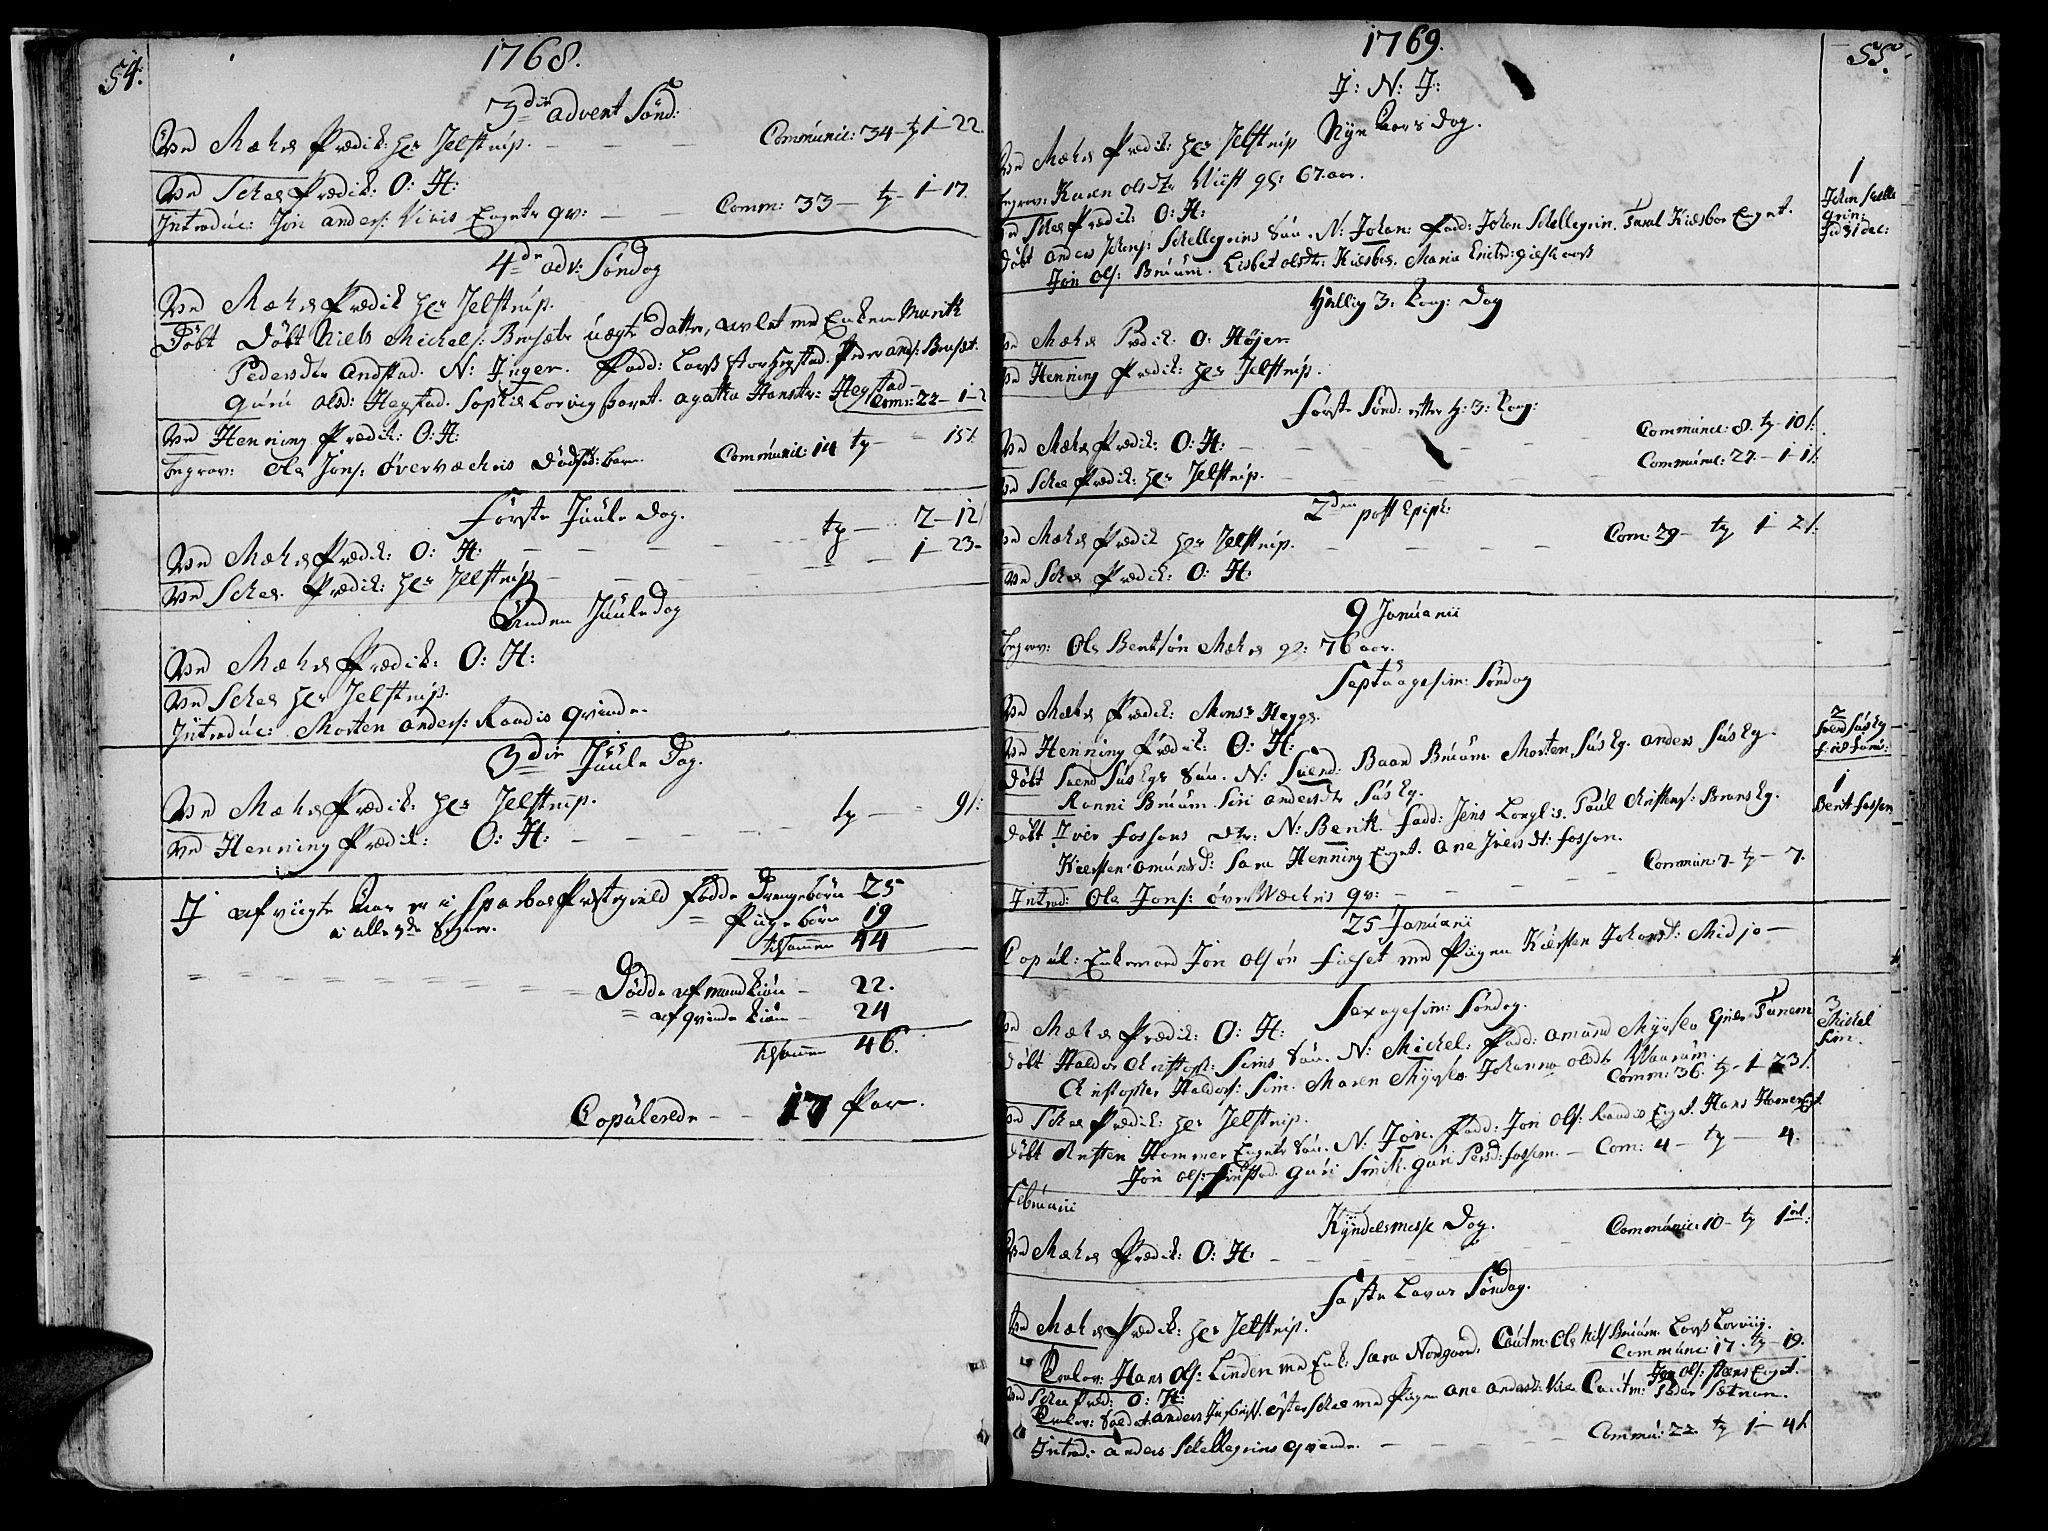 SAT, Ministerialprotokoller, klokkerbøker og fødselsregistre - Nord-Trøndelag, 735/L0331: Ministerialbok nr. 735A02, 1762-1794, s. 54-55